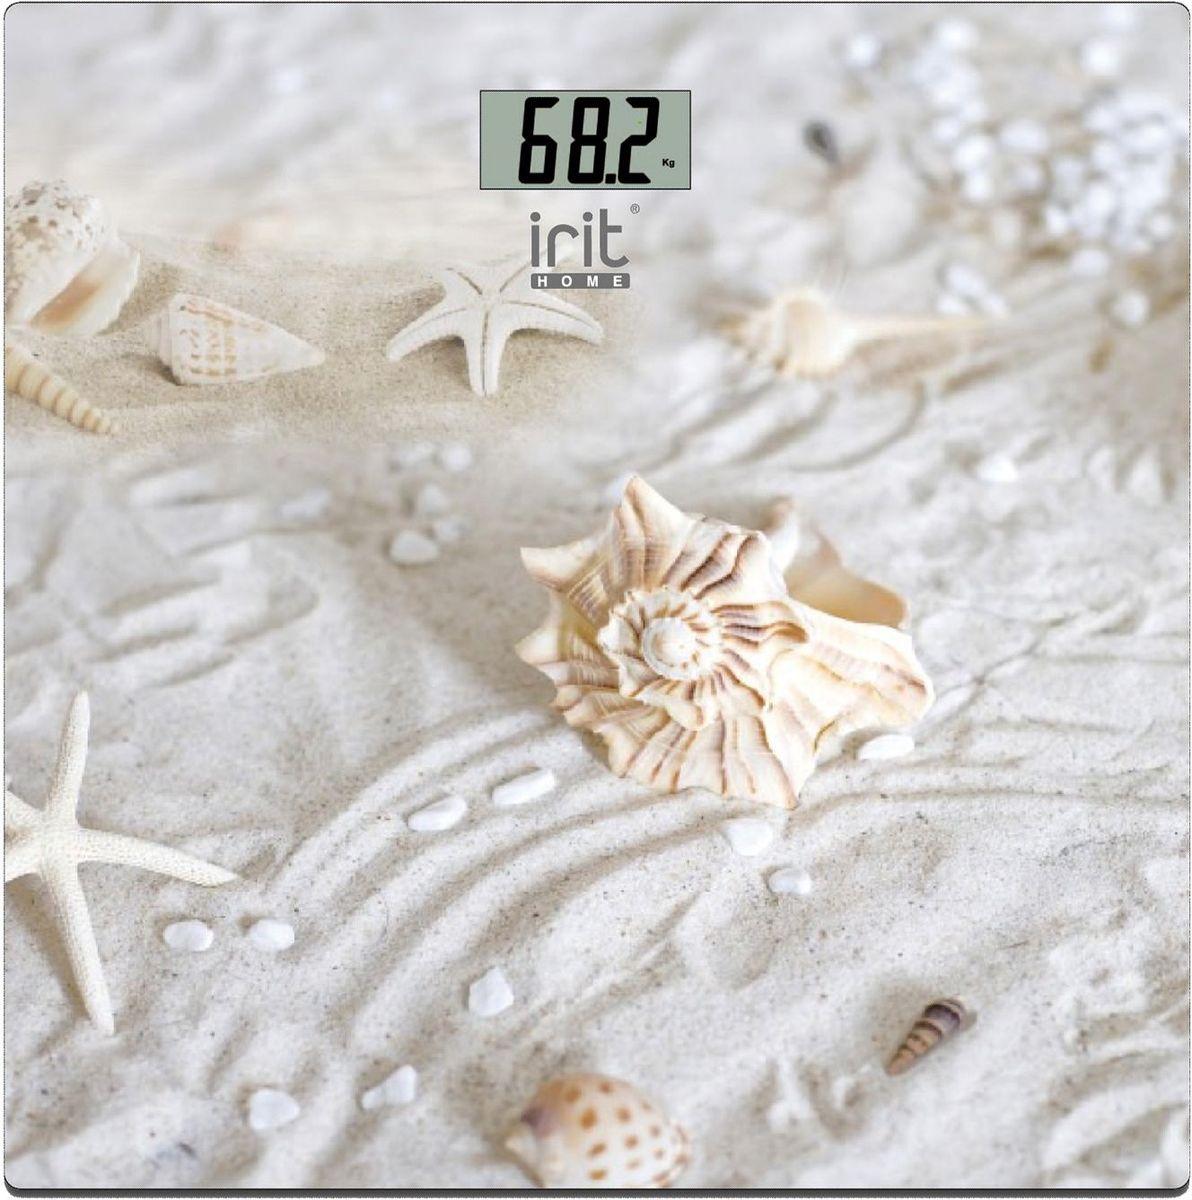 Irit IR-7256 весы напольные какой фирмы напольные весы лучше купить